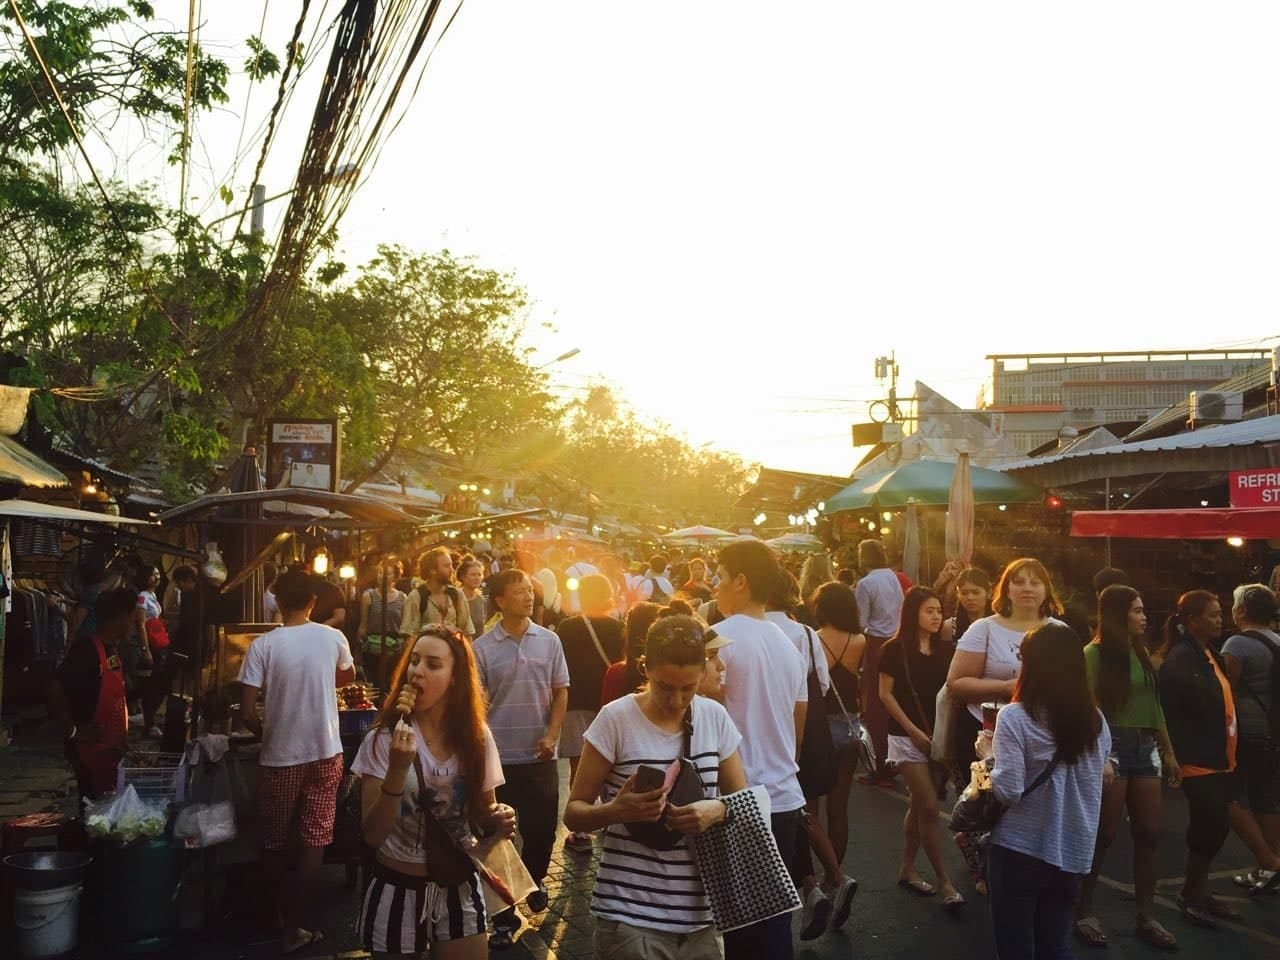 Du lịch Thái Lan với chính sách mới cho thẻ Rabbit và Bangkok Train Sky 5